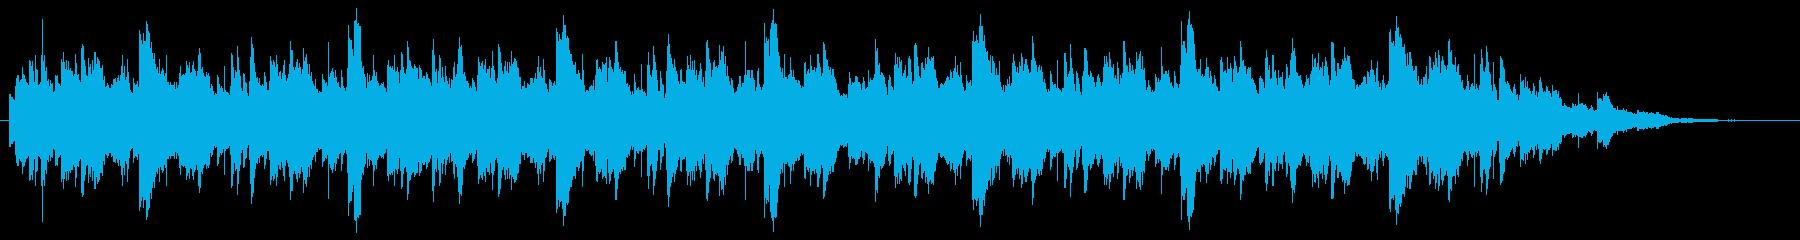 ハープとピアノのユニゾン やさしい記憶の再生済みの波形